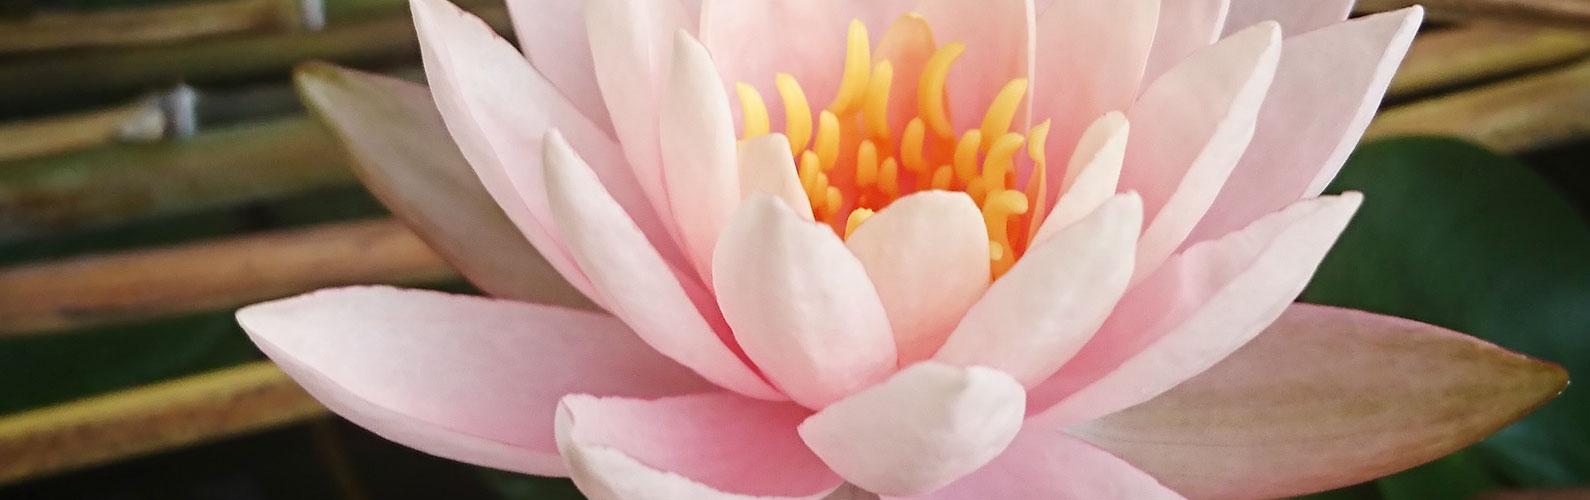 福岡 重留 佛願寺「みなさまの声/個別相談のご案内」イメージ画像